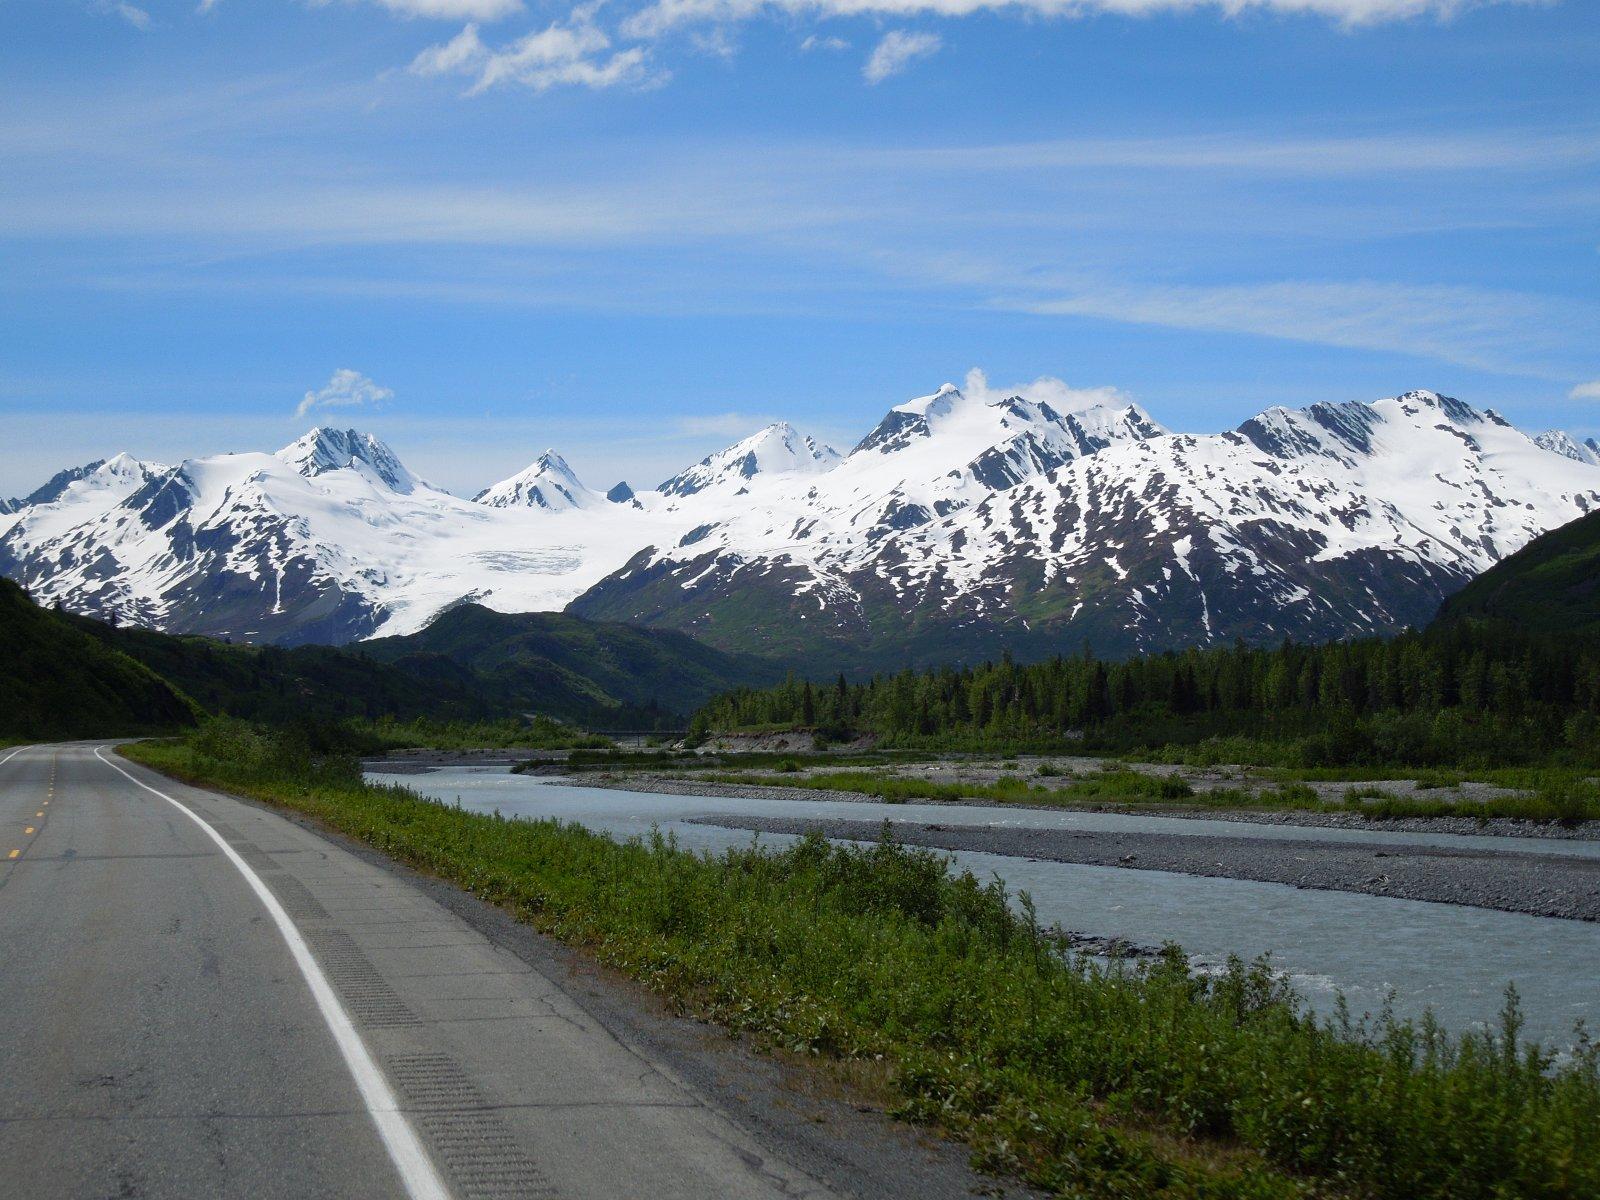 Click image for larger version  Name:Glennallen to Valdez 057.jpg Views:54 Size:347.6 KB ID:215335